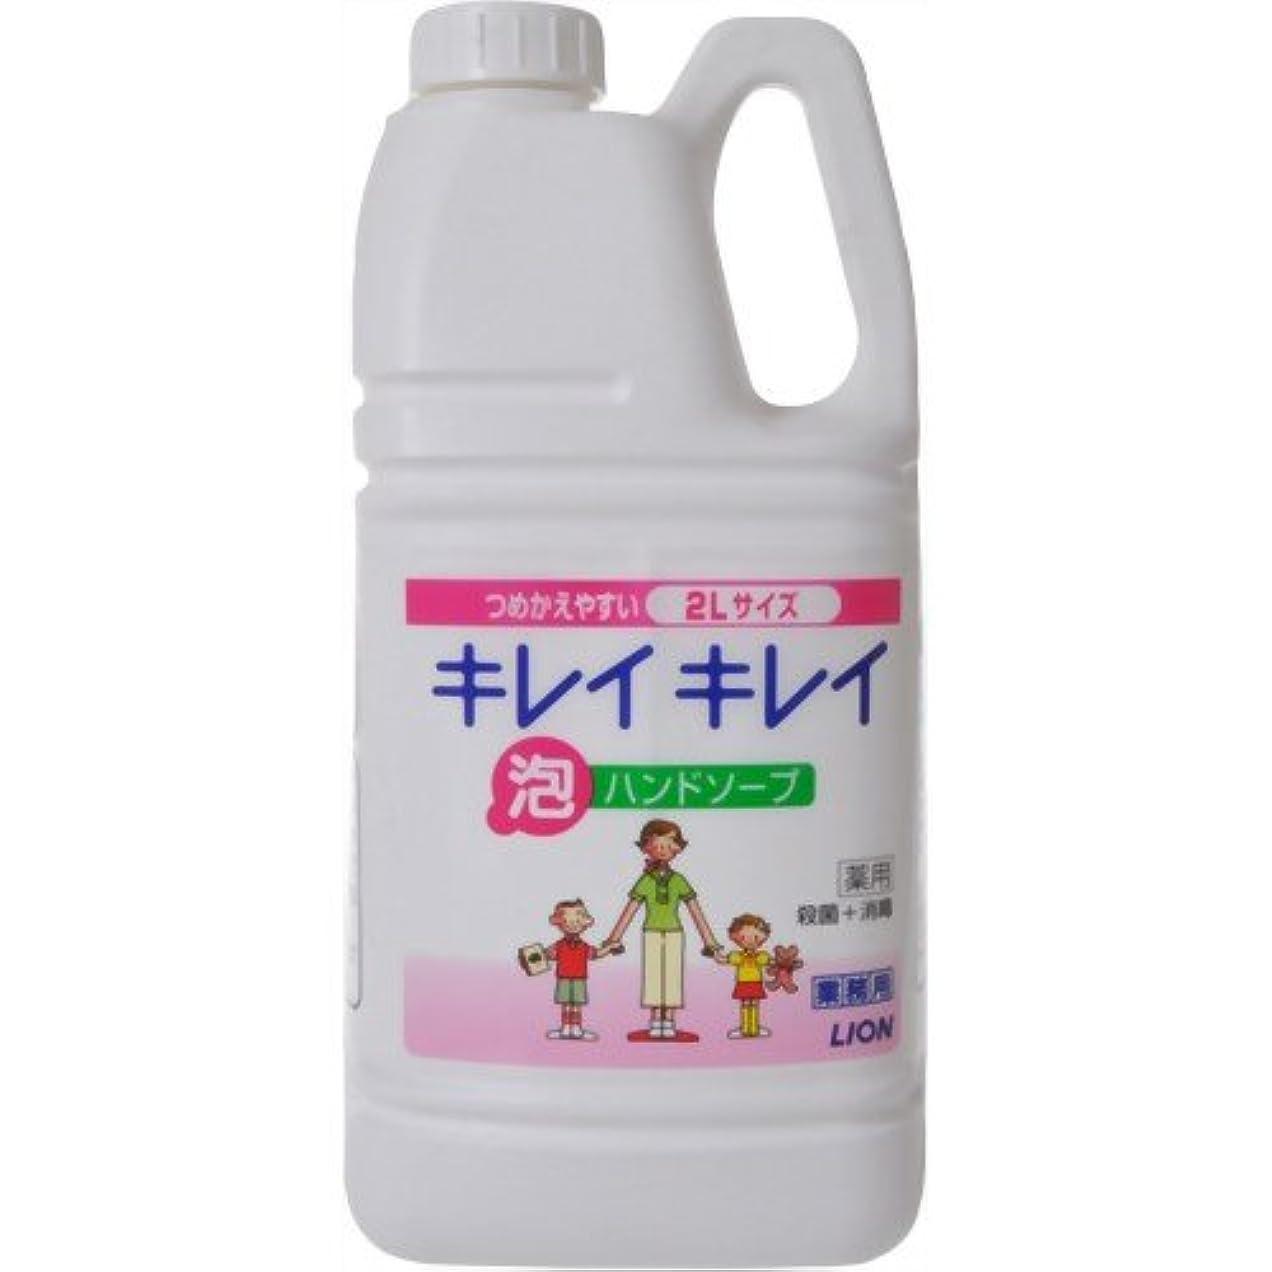 フロー救急車時刻表キレイキレイ薬用泡ハンドソープ2L(業務用)